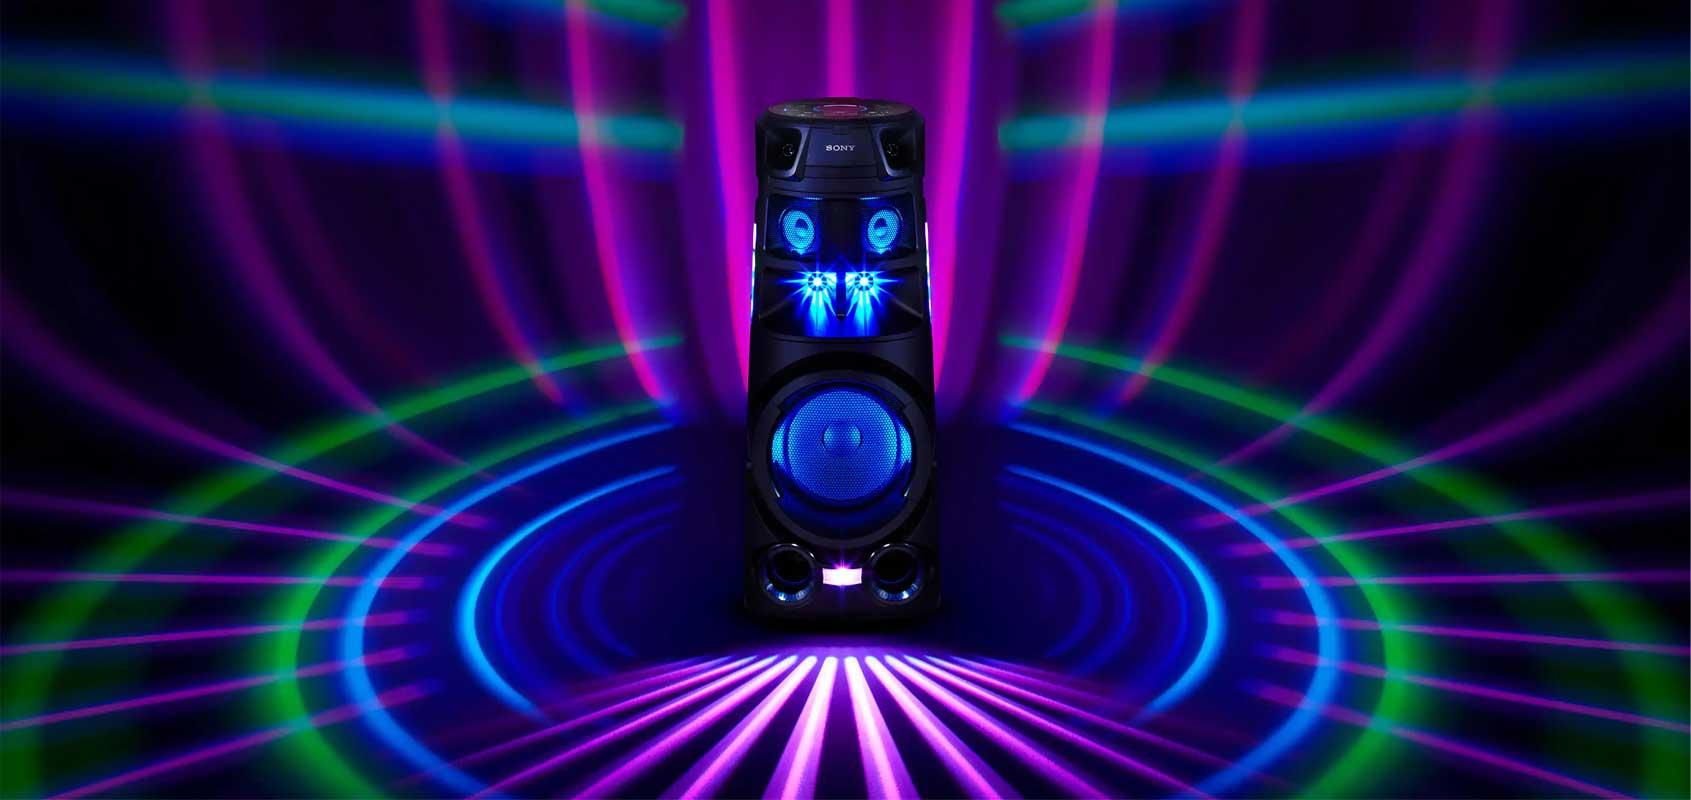 فضای فراموش نشدنی سیستم صوتی سونی V83D